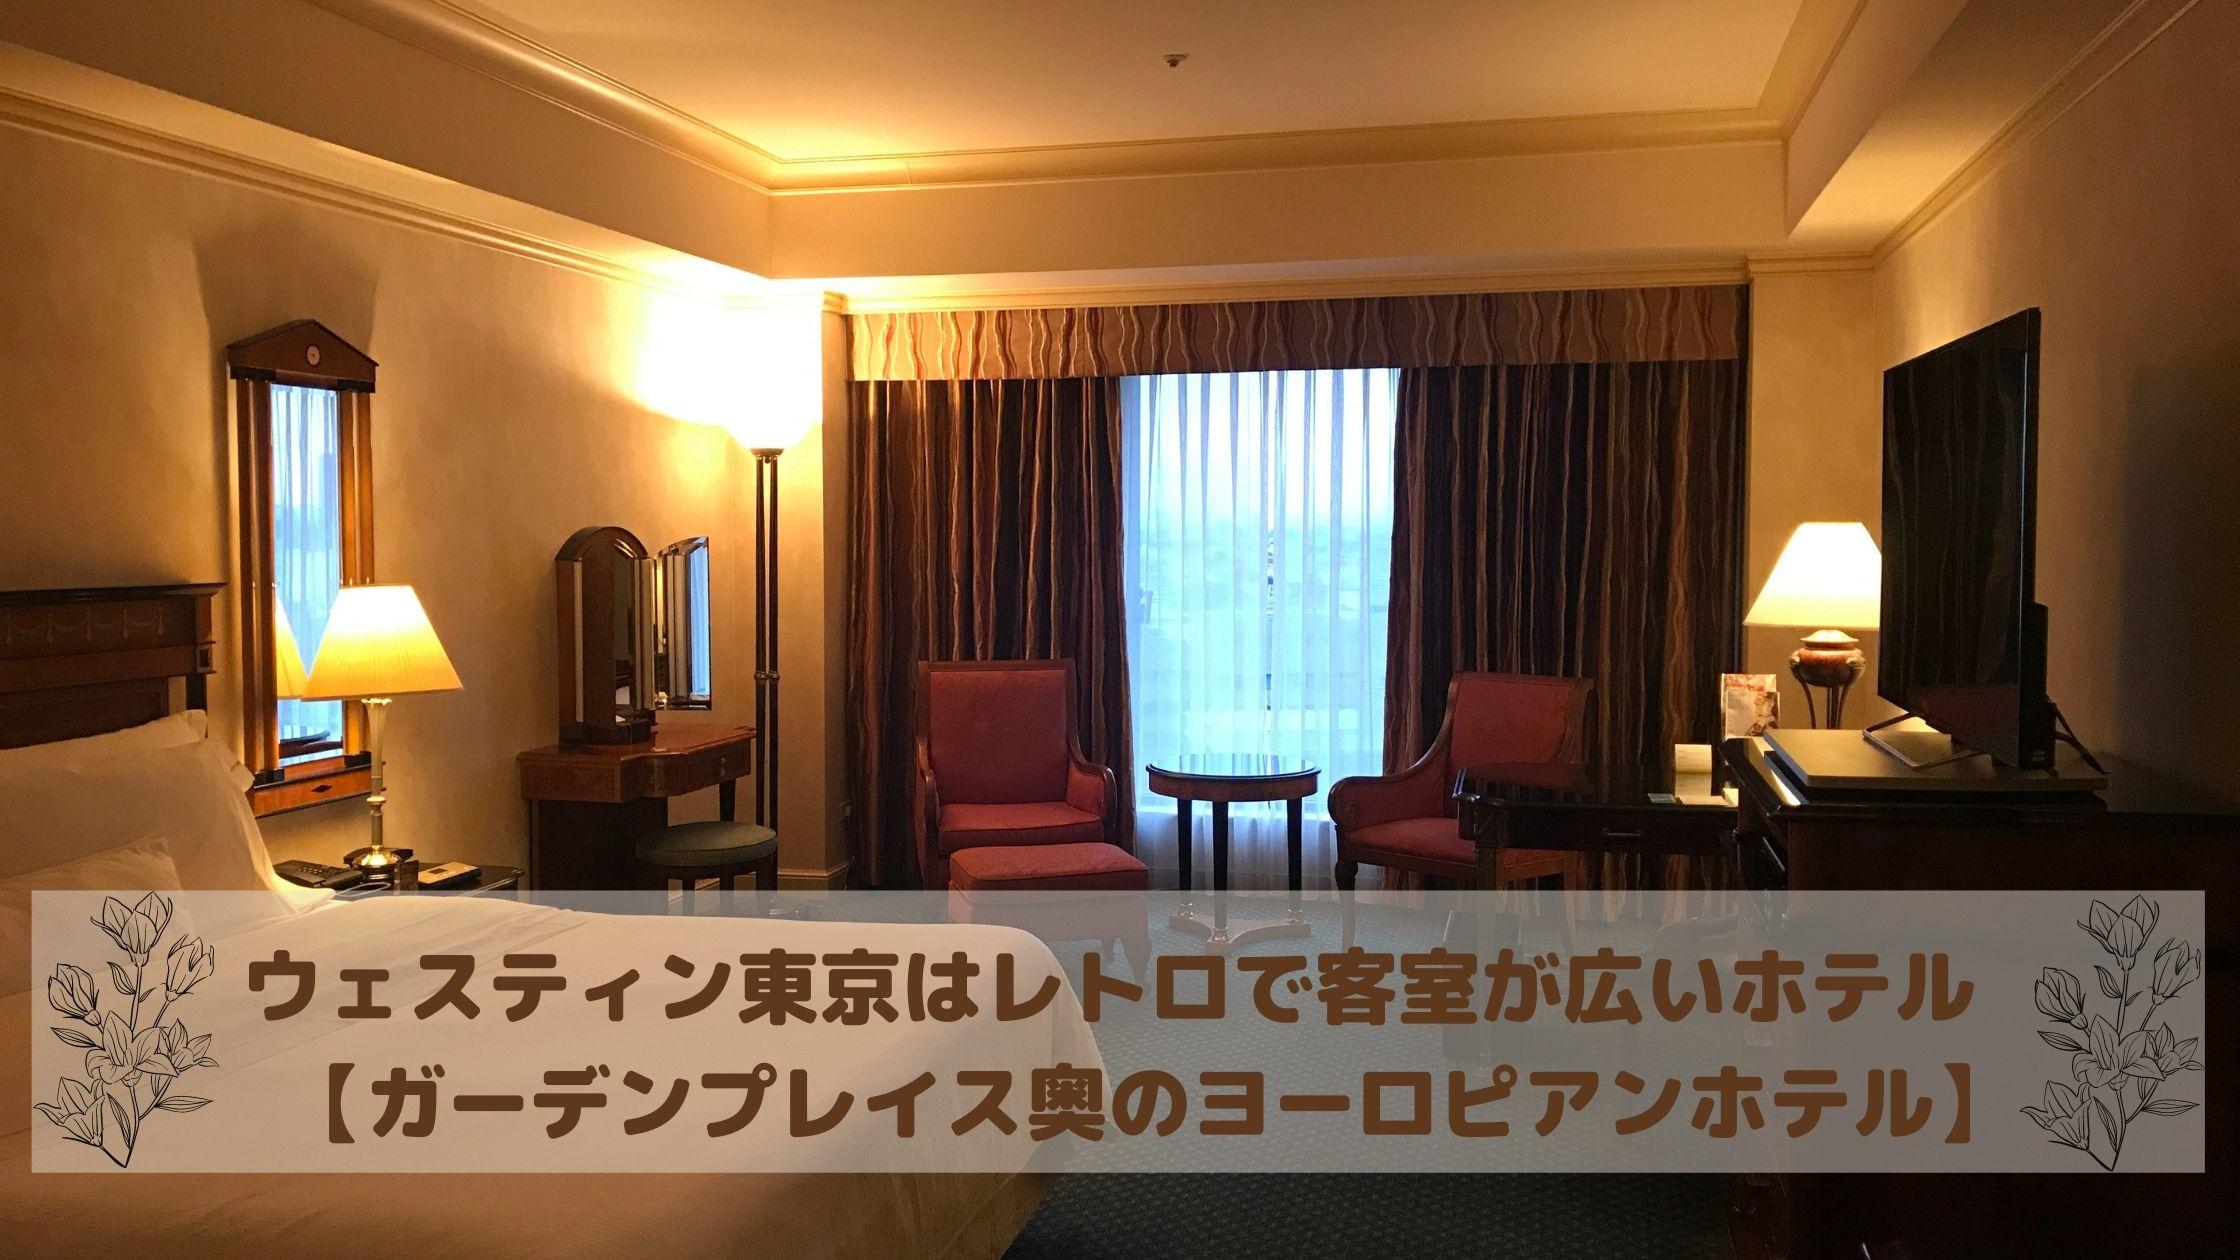 ウェスティンホテル 東京 ブログ